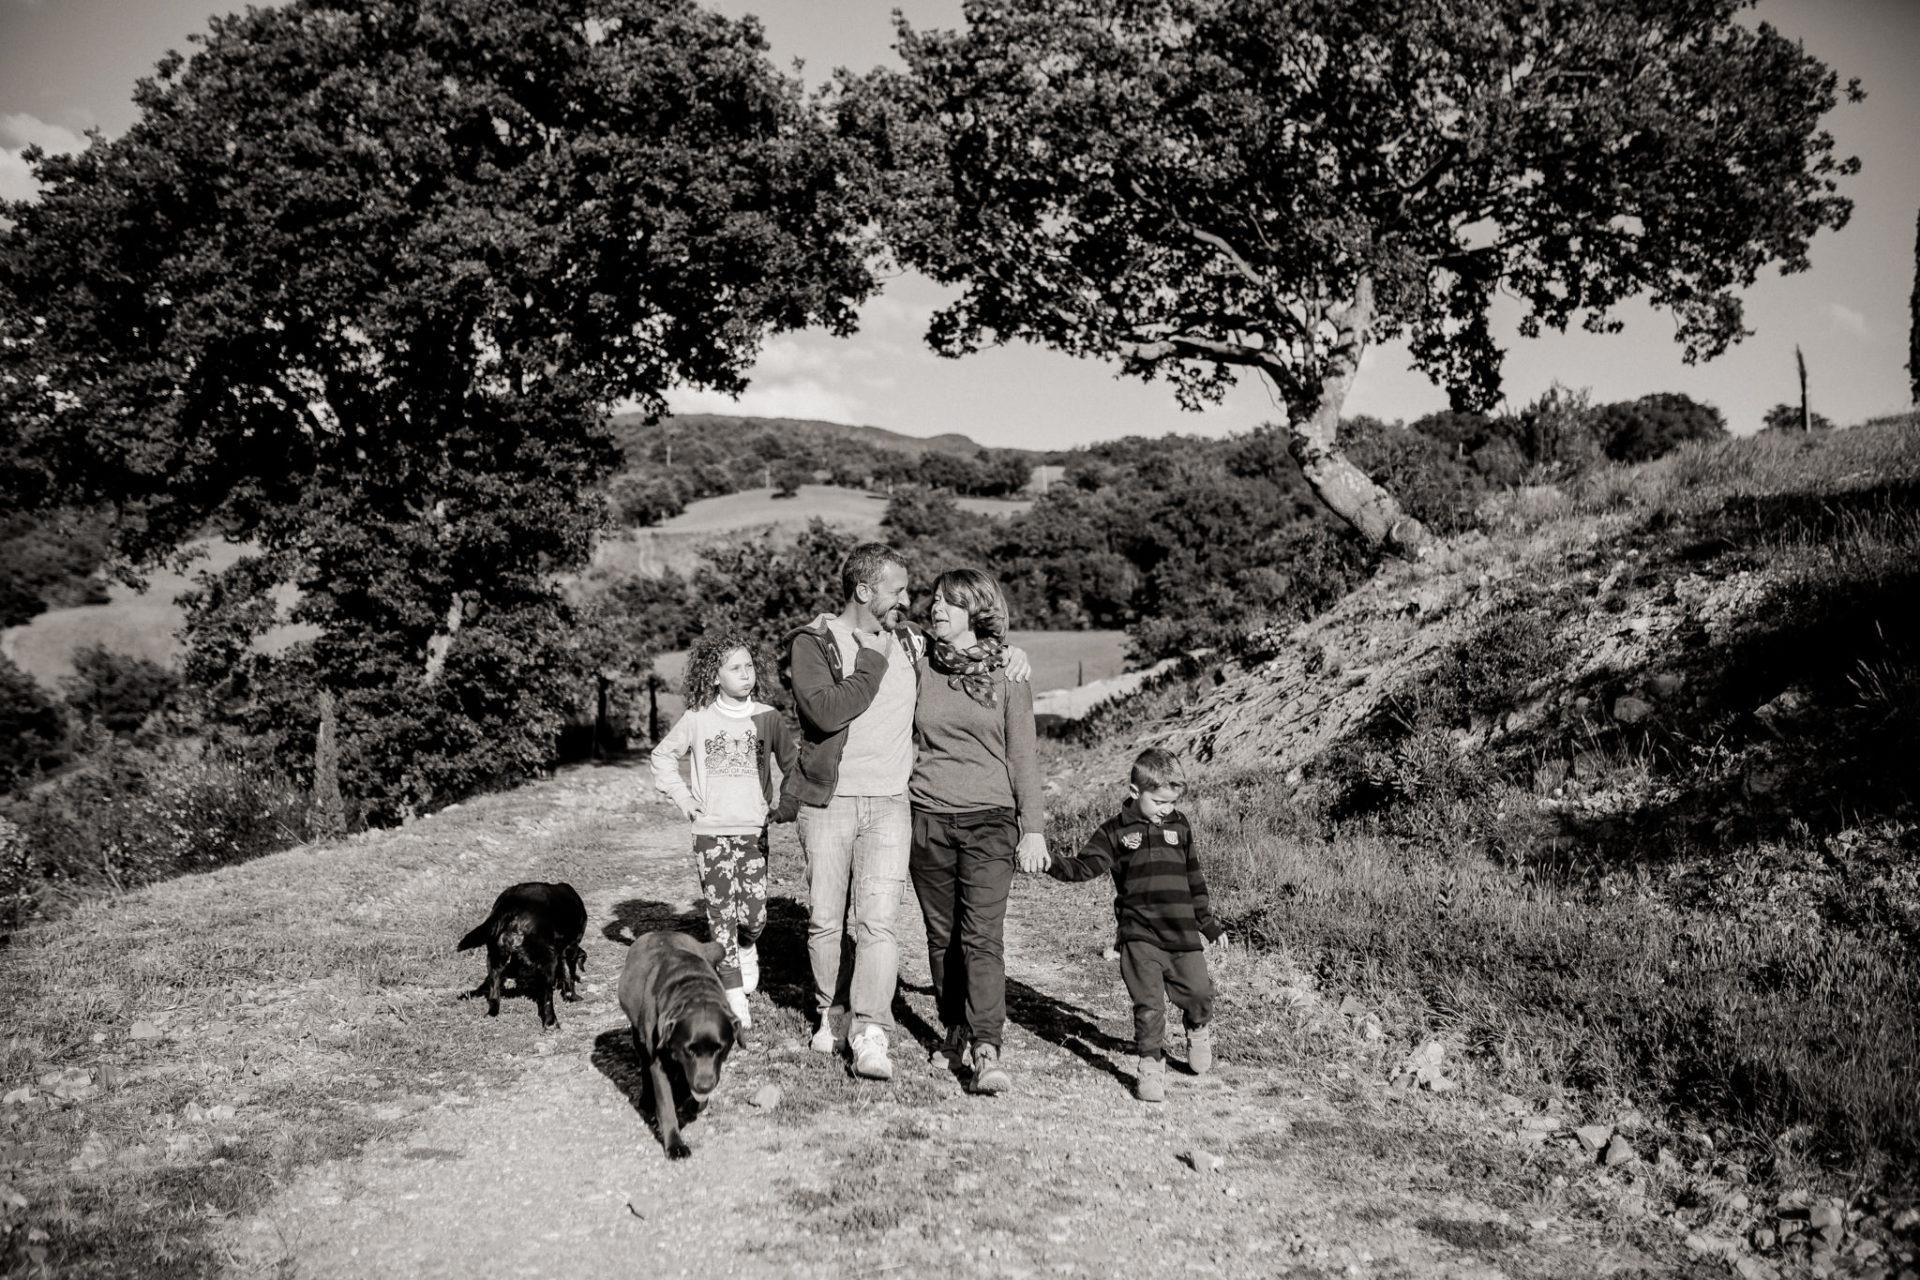 Family Fusion Italien-italienischer Spirit-Dimora Santa Margherita-Ungestellte Familienbilder-familienfotograf Stuttgart-Familie mit Hund-Labrador